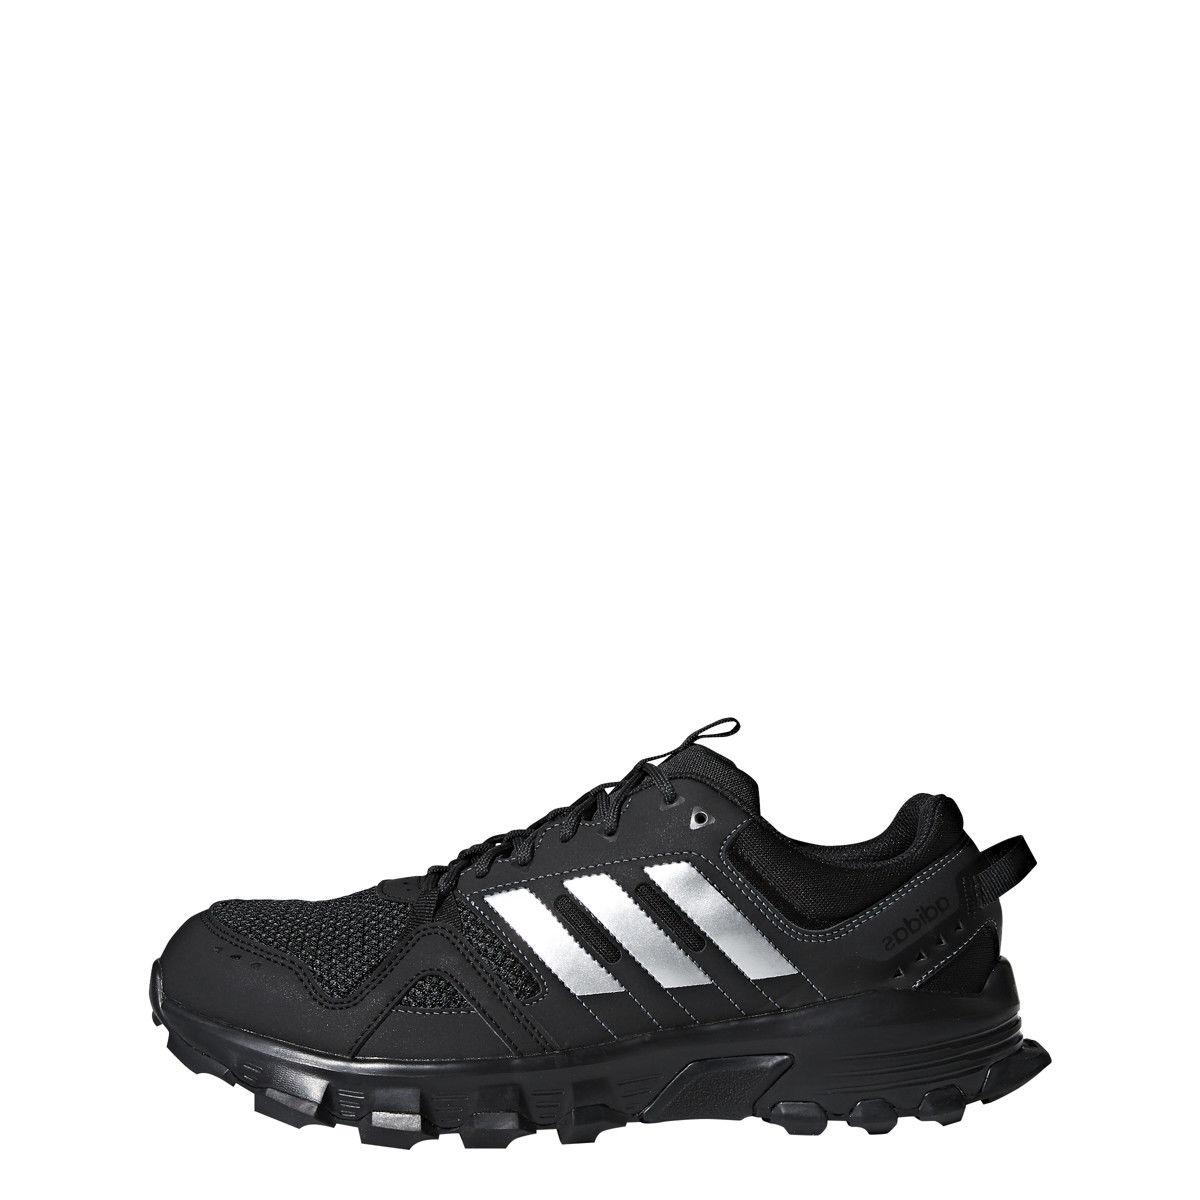 mens rockadia trail black sport athletic running